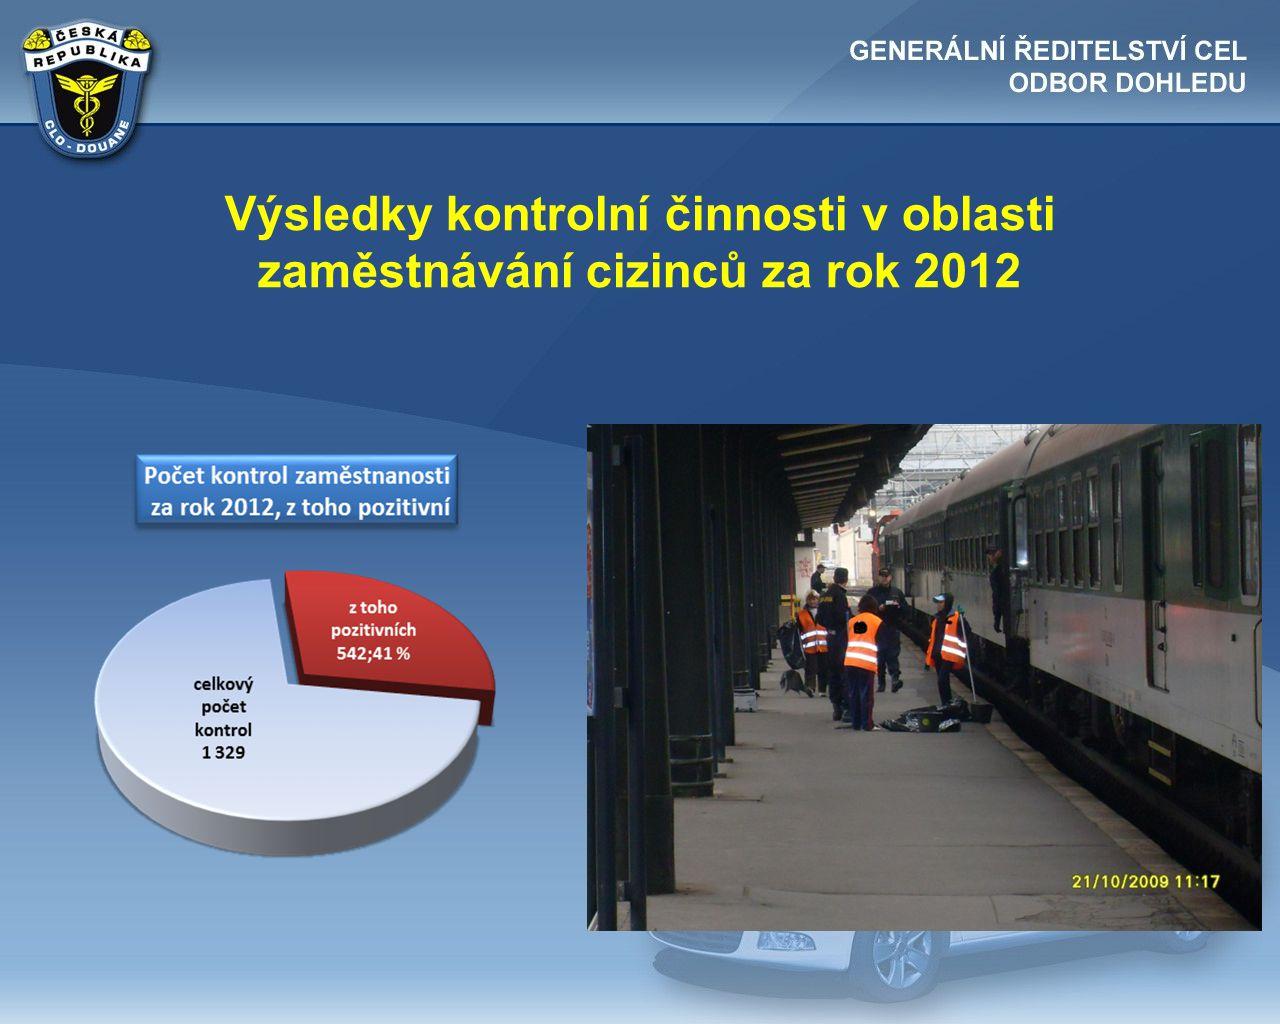 Výsledky kontrolní činnosti v oblasti zaměstnávání cizinců za rok 2012